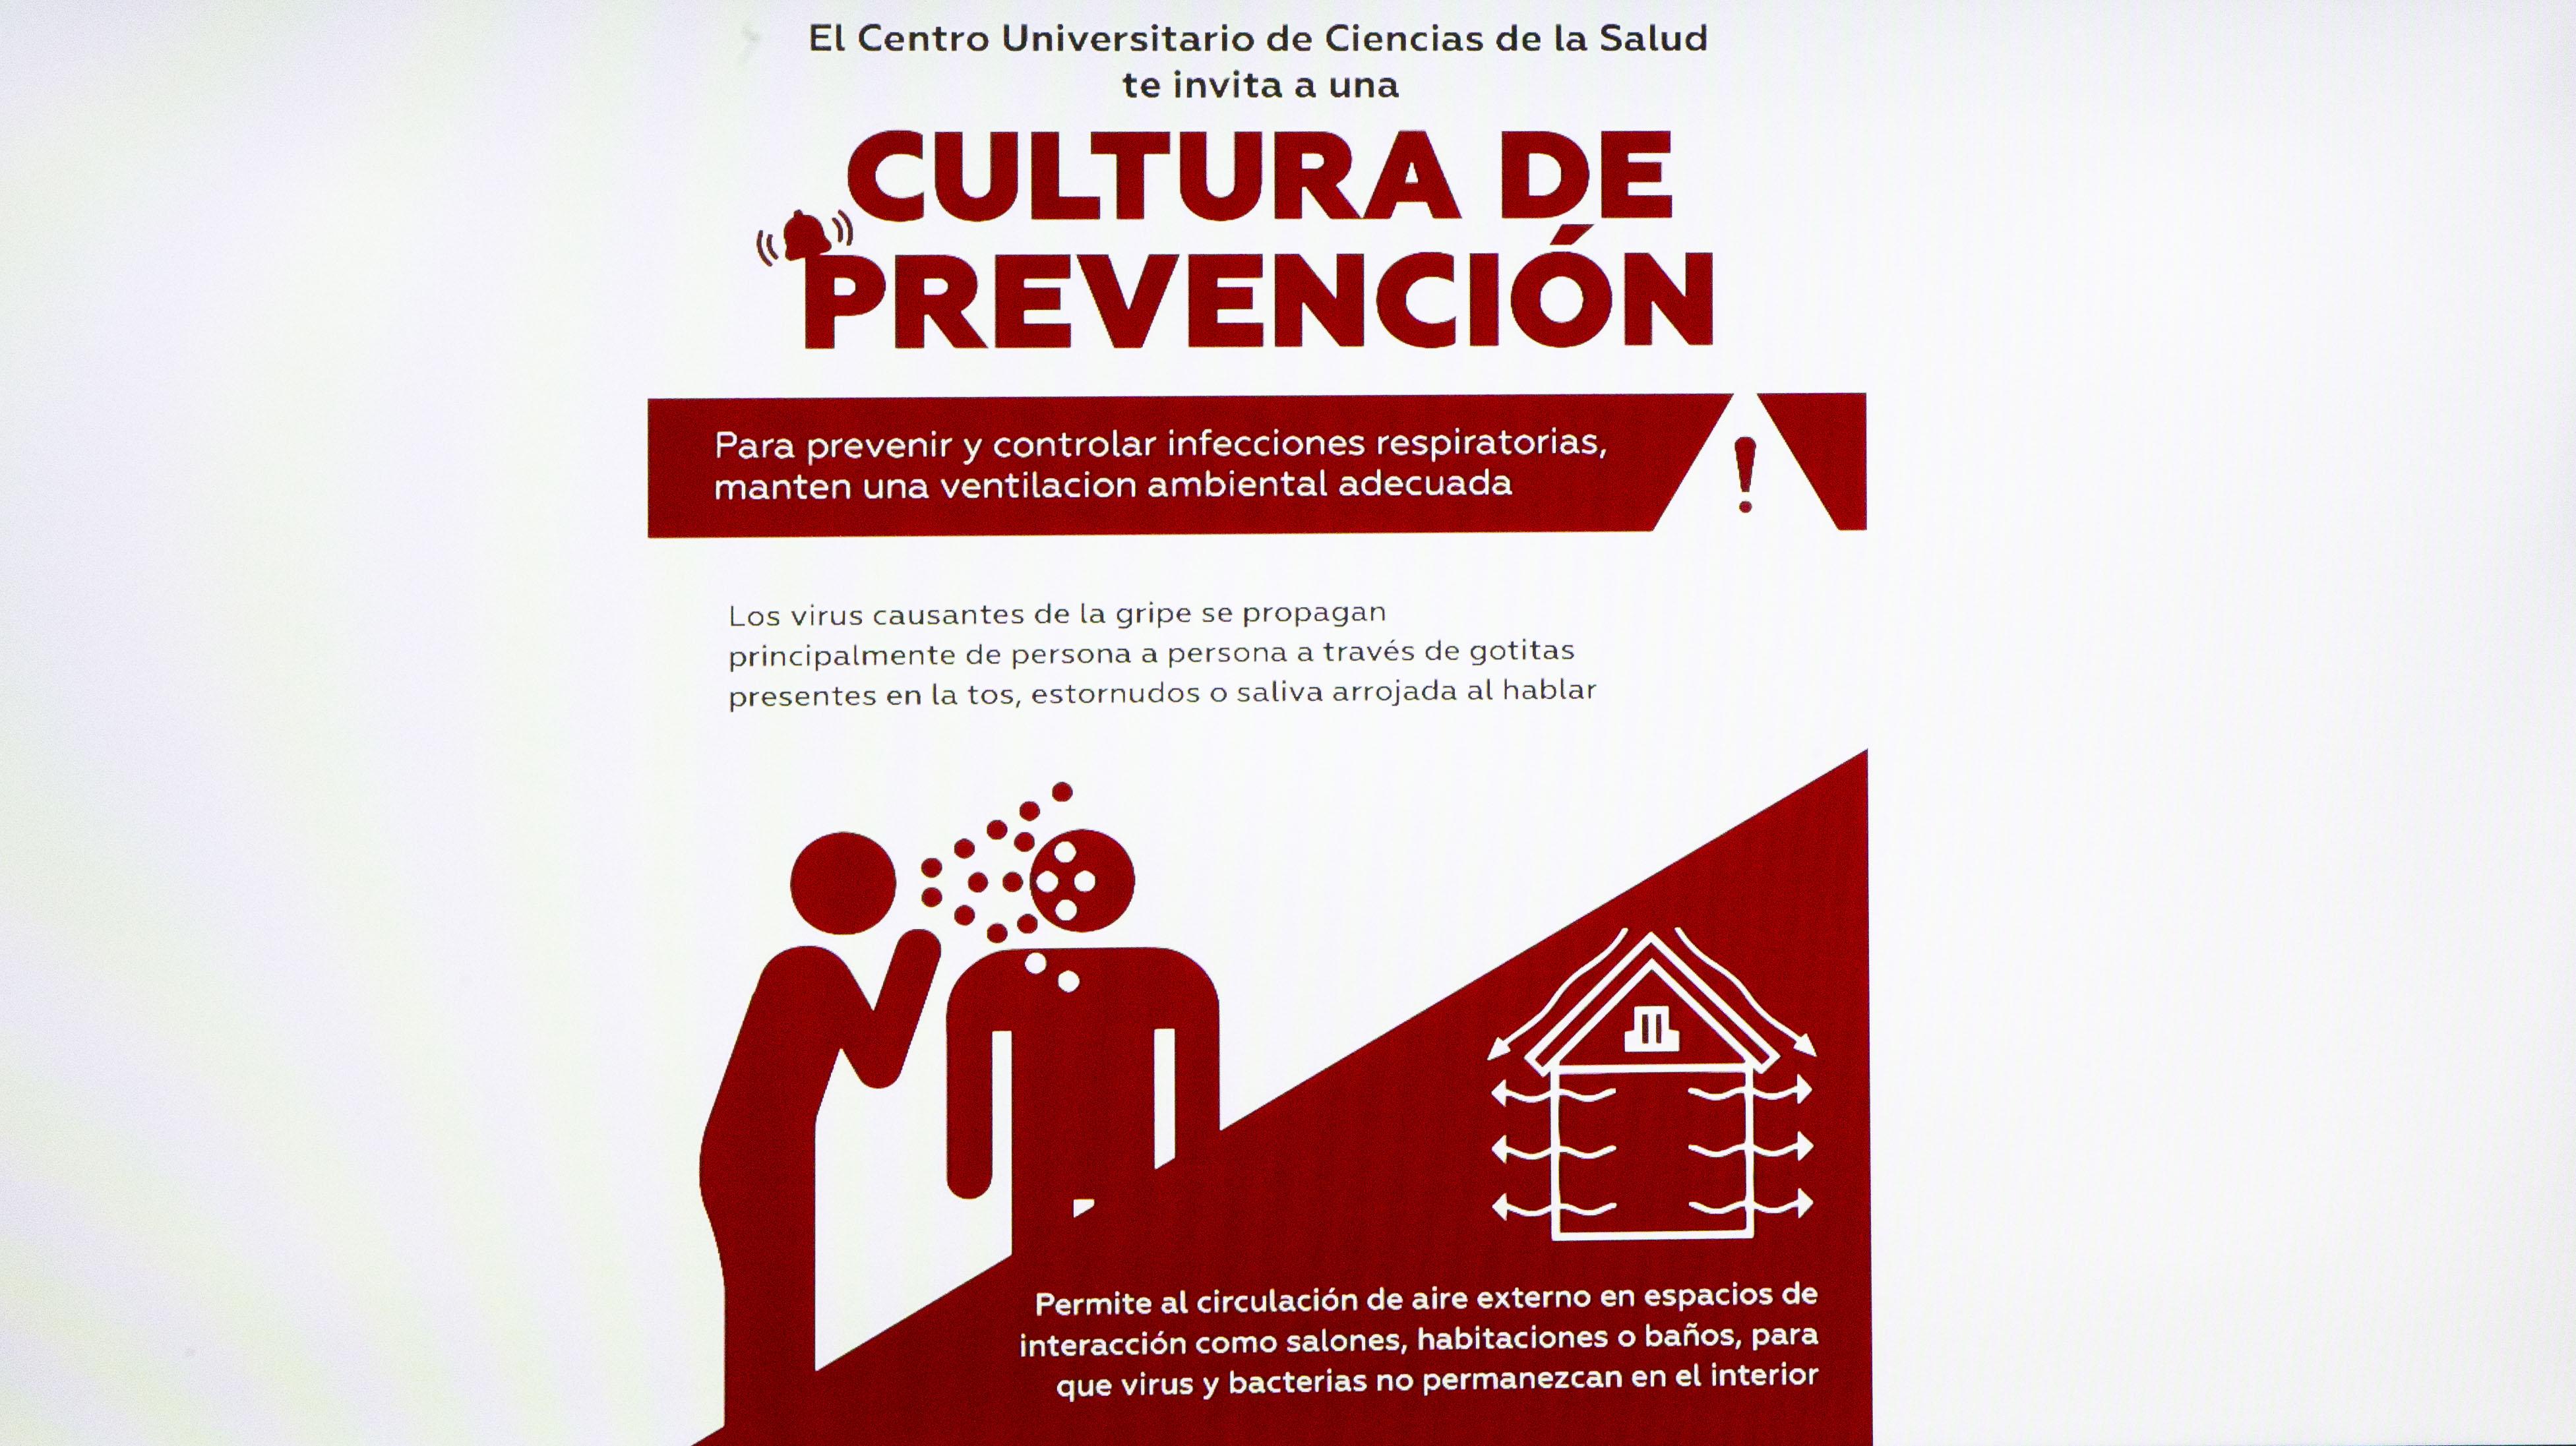 Cartel promocional con medidas preventivas